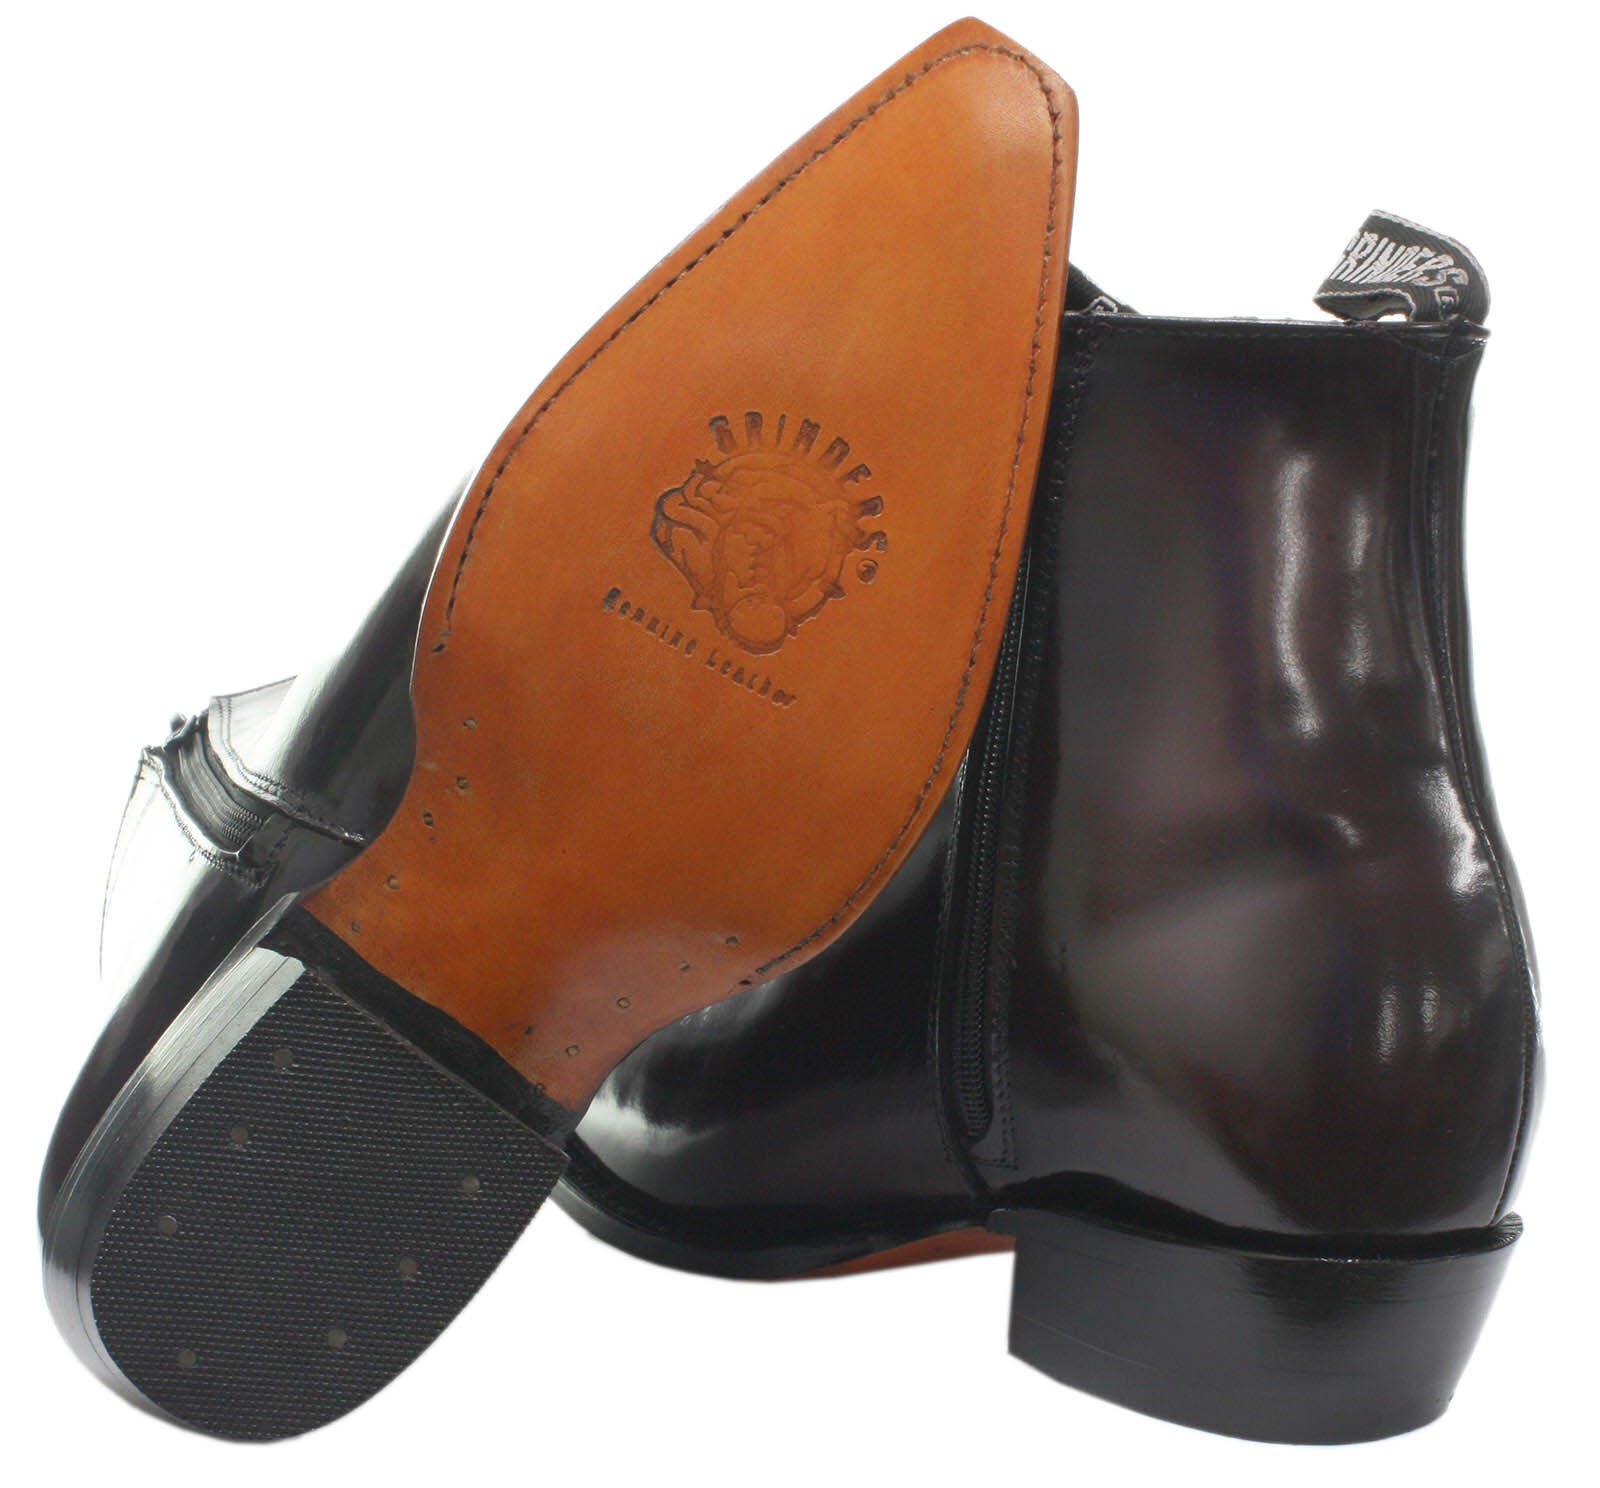 Grinders Austin Uomini Borgogna a in pelle con cerniera alla caviglia Tacco a Borgogna Blocco Stivali Cowboy Western 0d1ea5